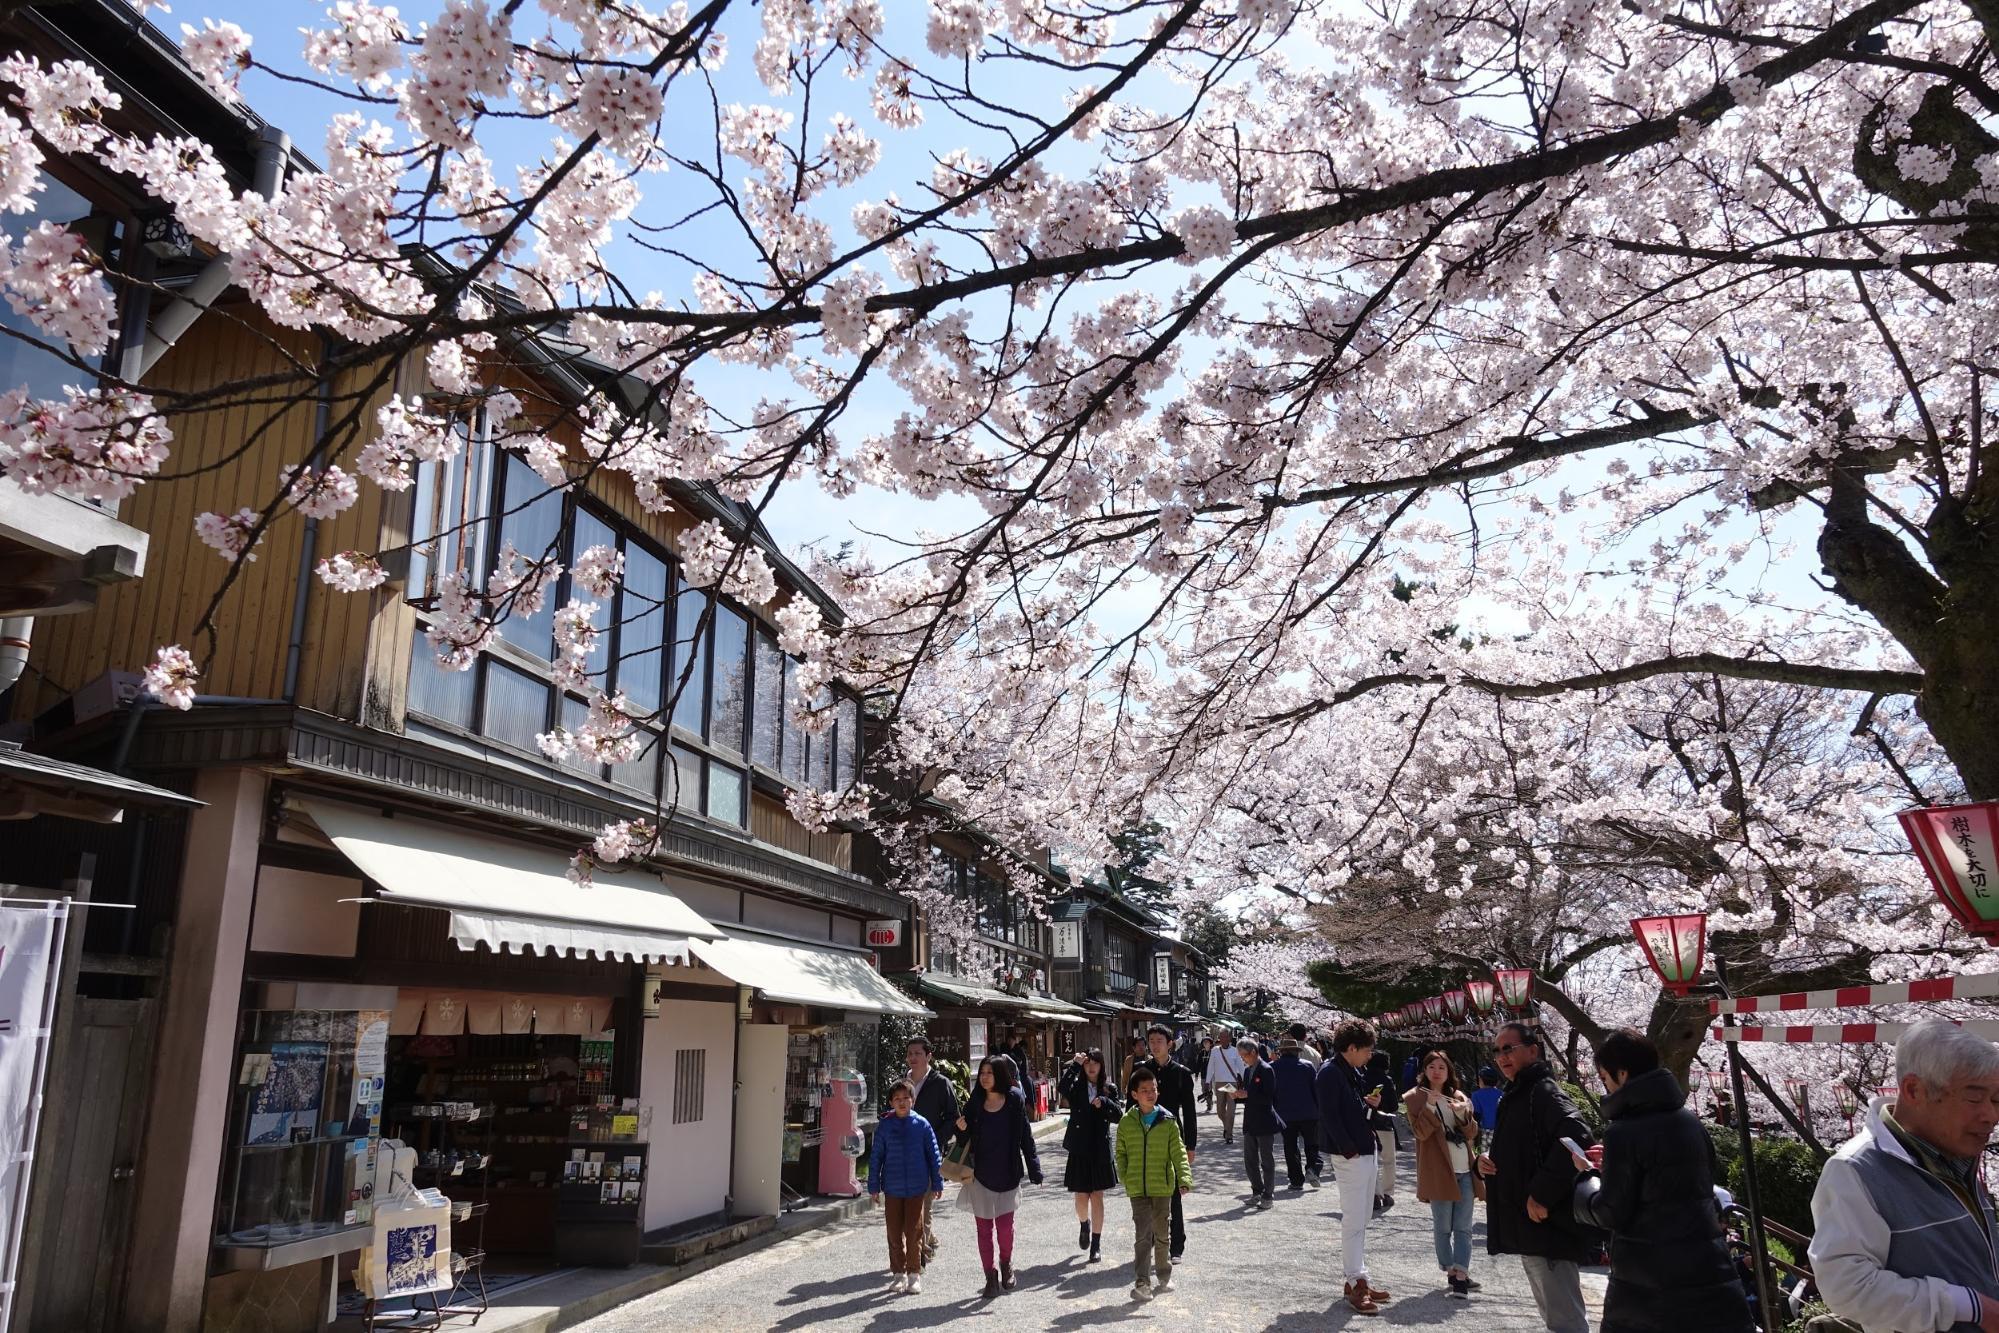 Giappocrociera Tour Giappone + MSC Crociera 7 Notti Partenza 14 Settembre Cabina Esterna cat. Bella